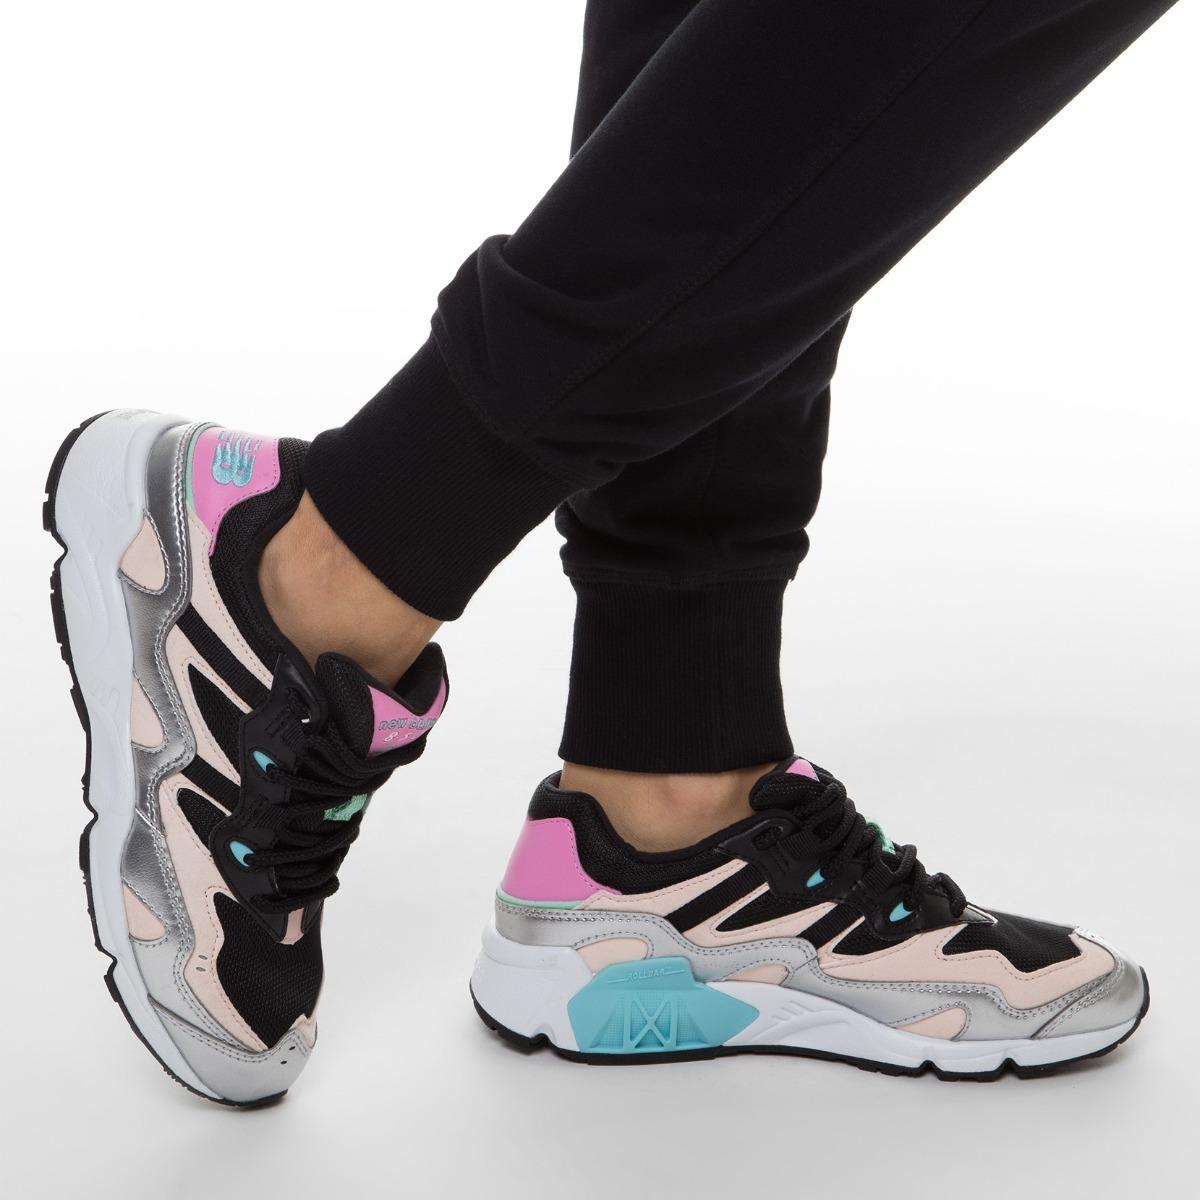 Zapatillas New Balance 850 Originales Para Mujer - En Oferta